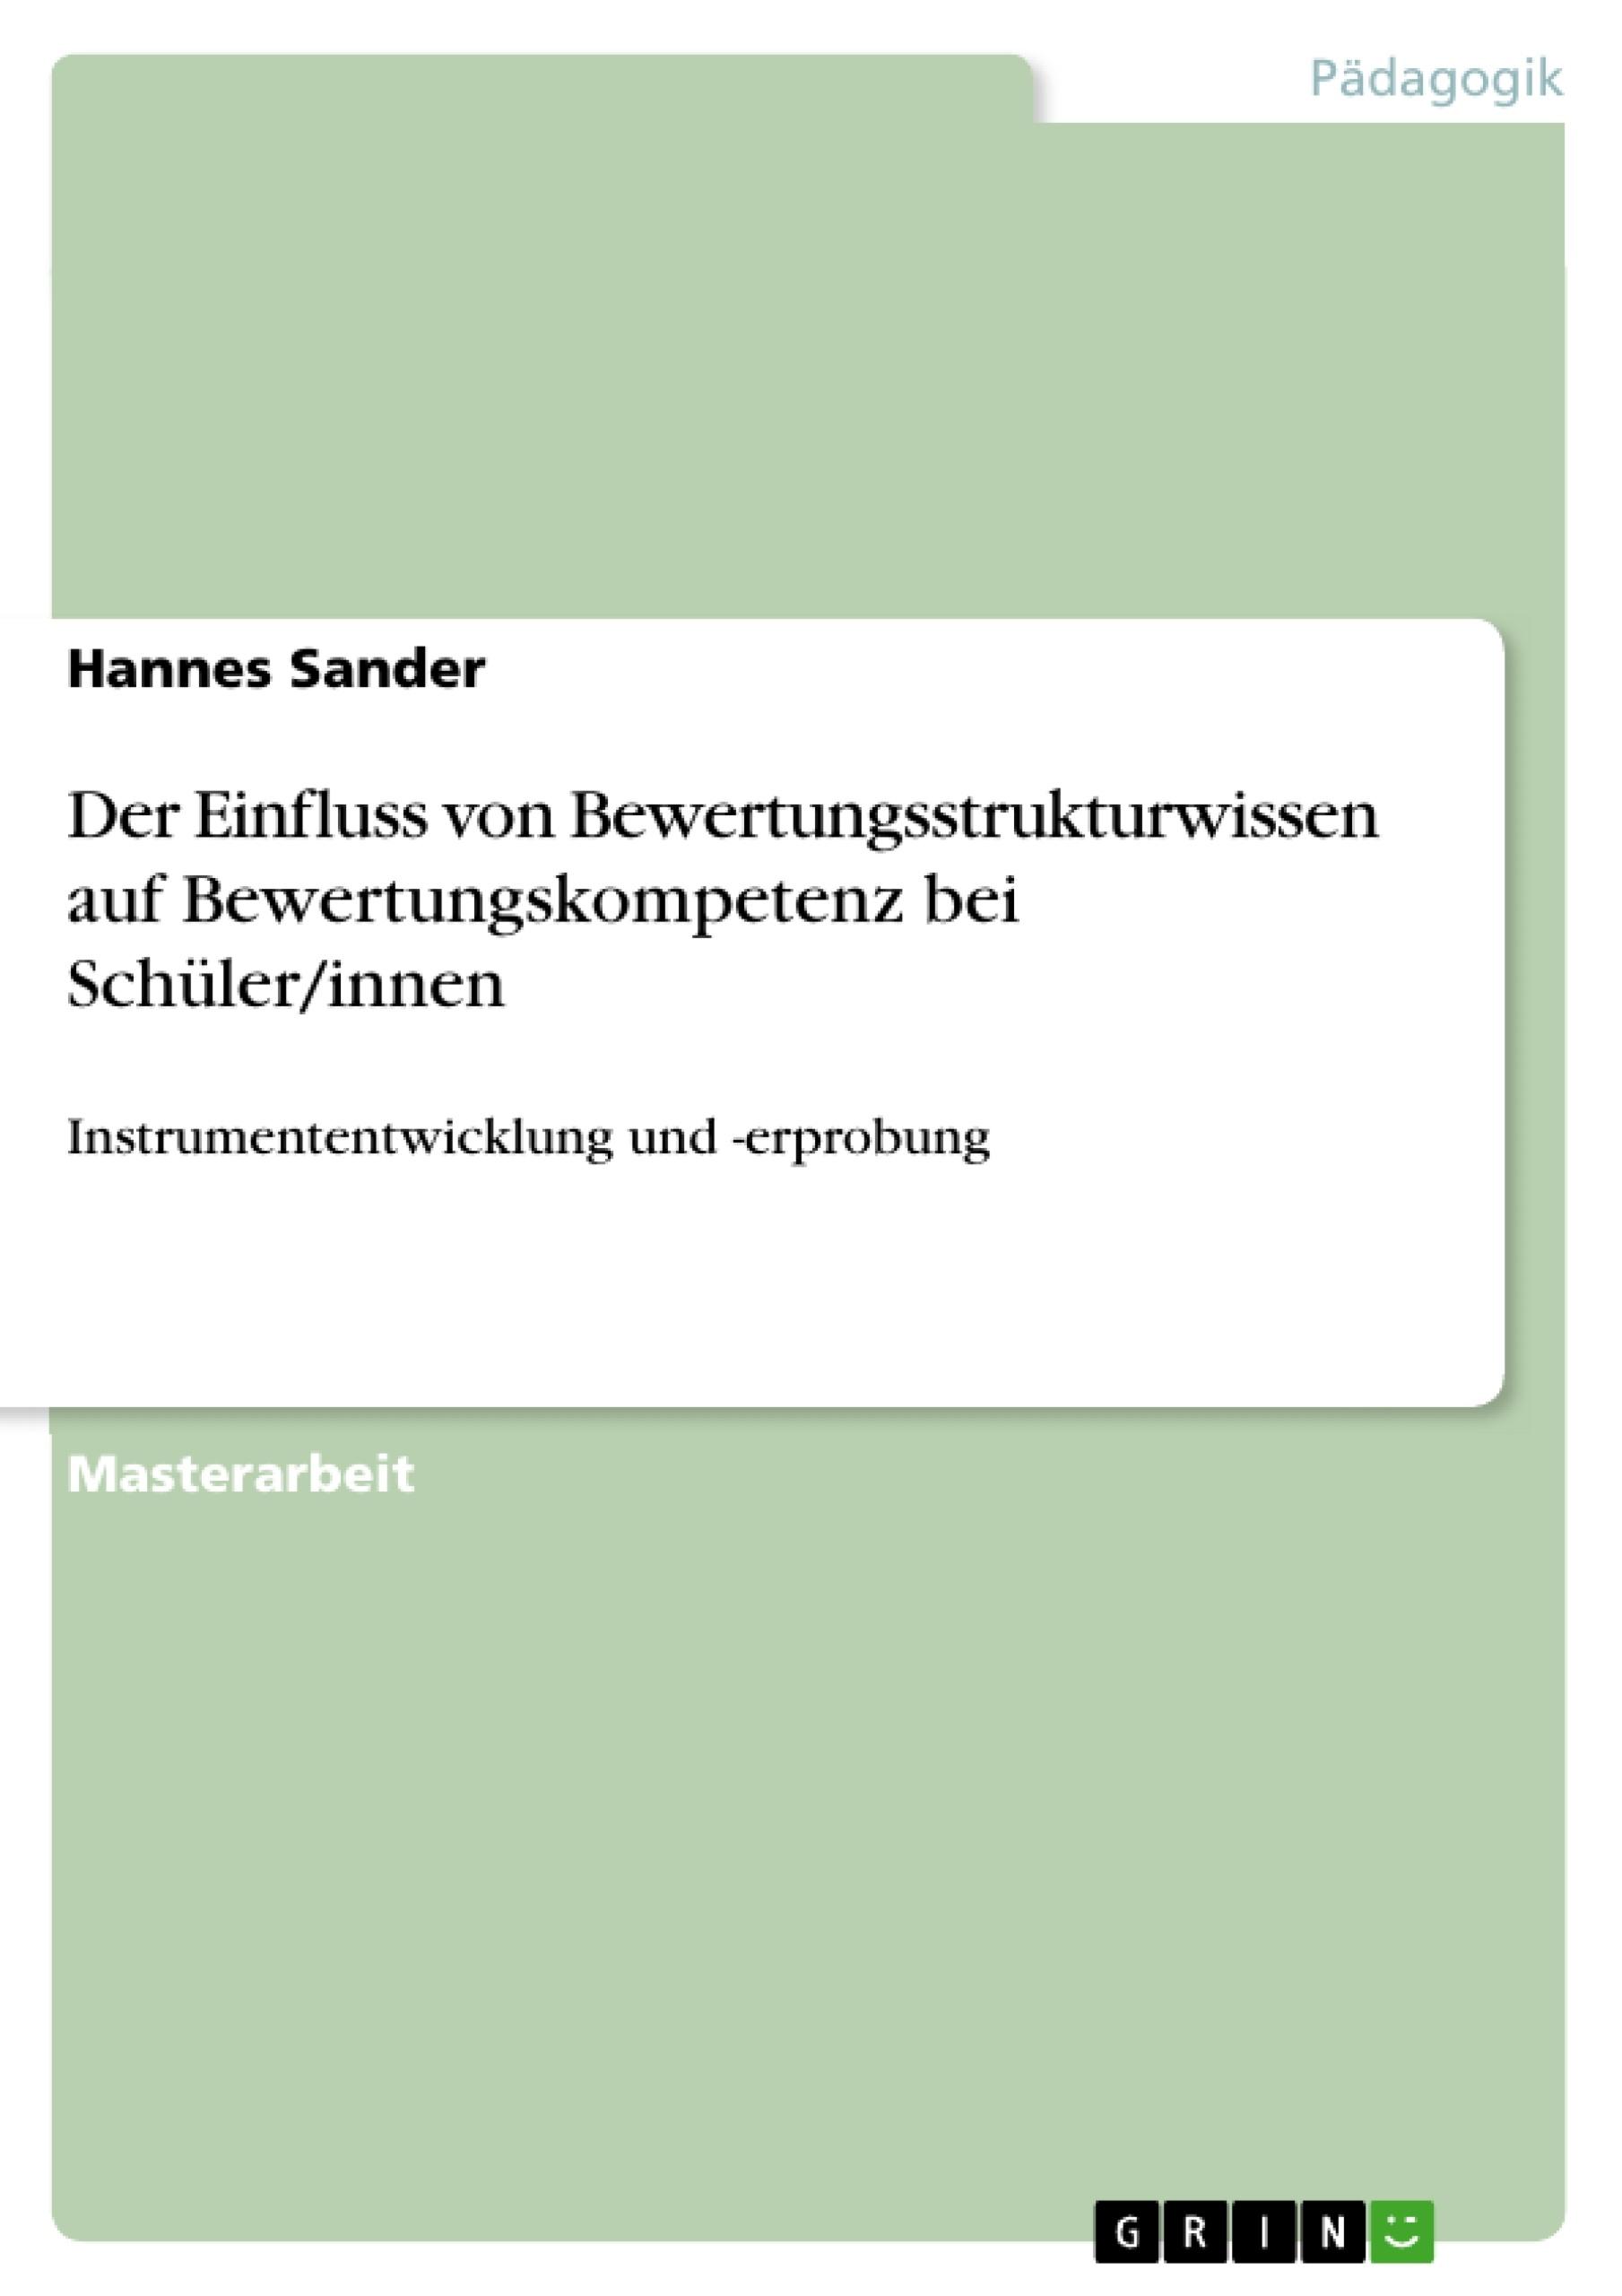 Der Einfluss von Bewertungsstrukturwissen auf Bewertungskompetenz ...